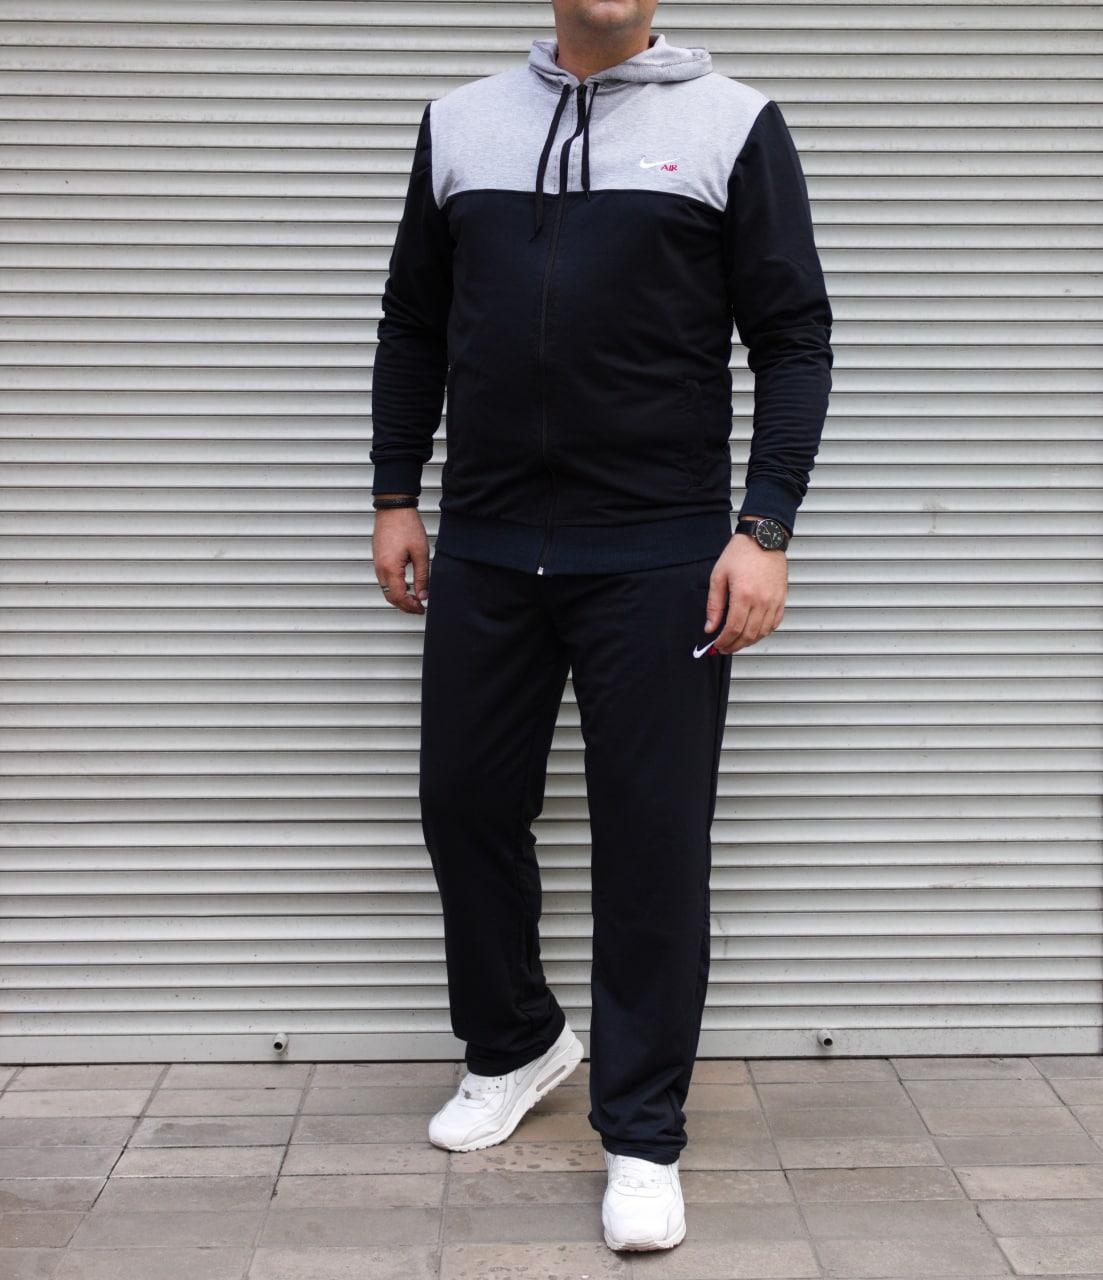 Мужской спортивный костюм Nike Air большого размера | БАТАЛ | трикотаж двухнить | прямые штаны